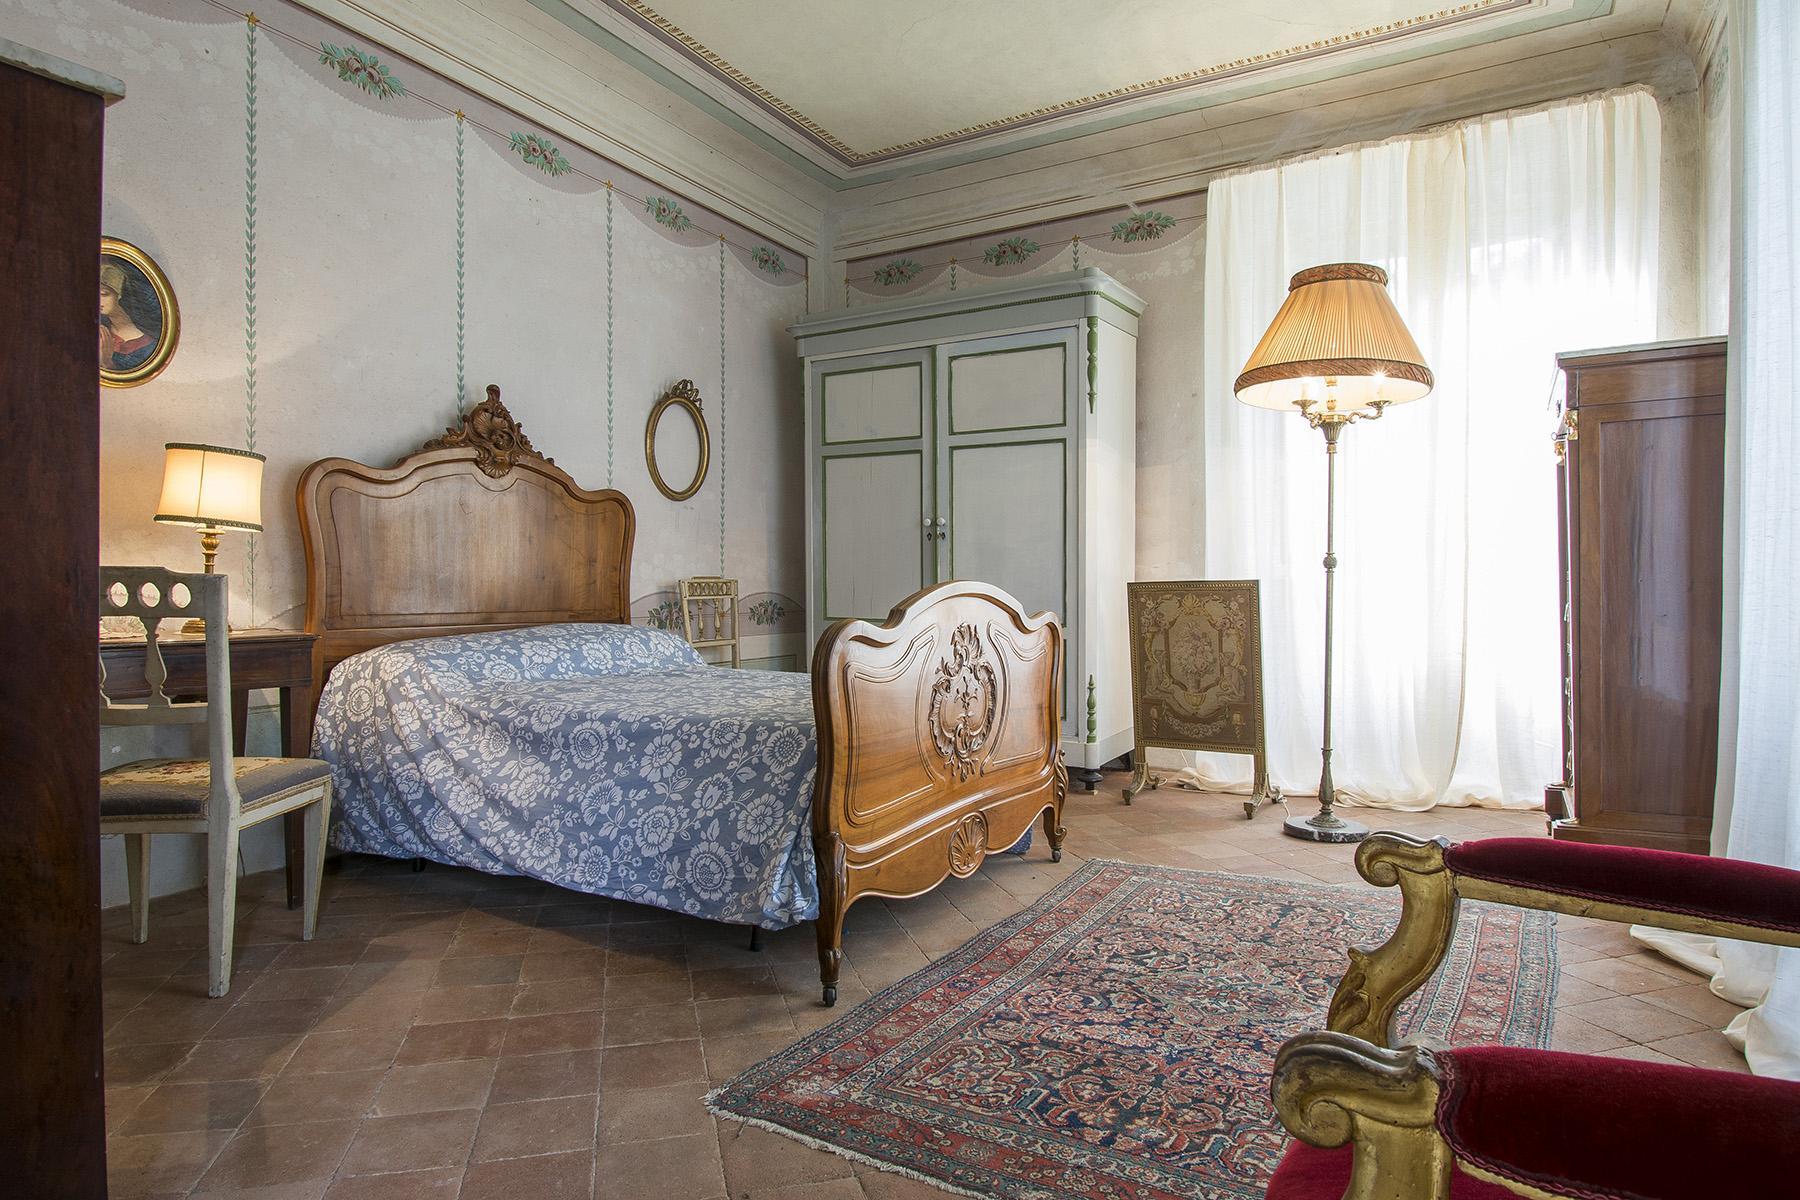 Villa historique près d'un village toscan médiéval - 14